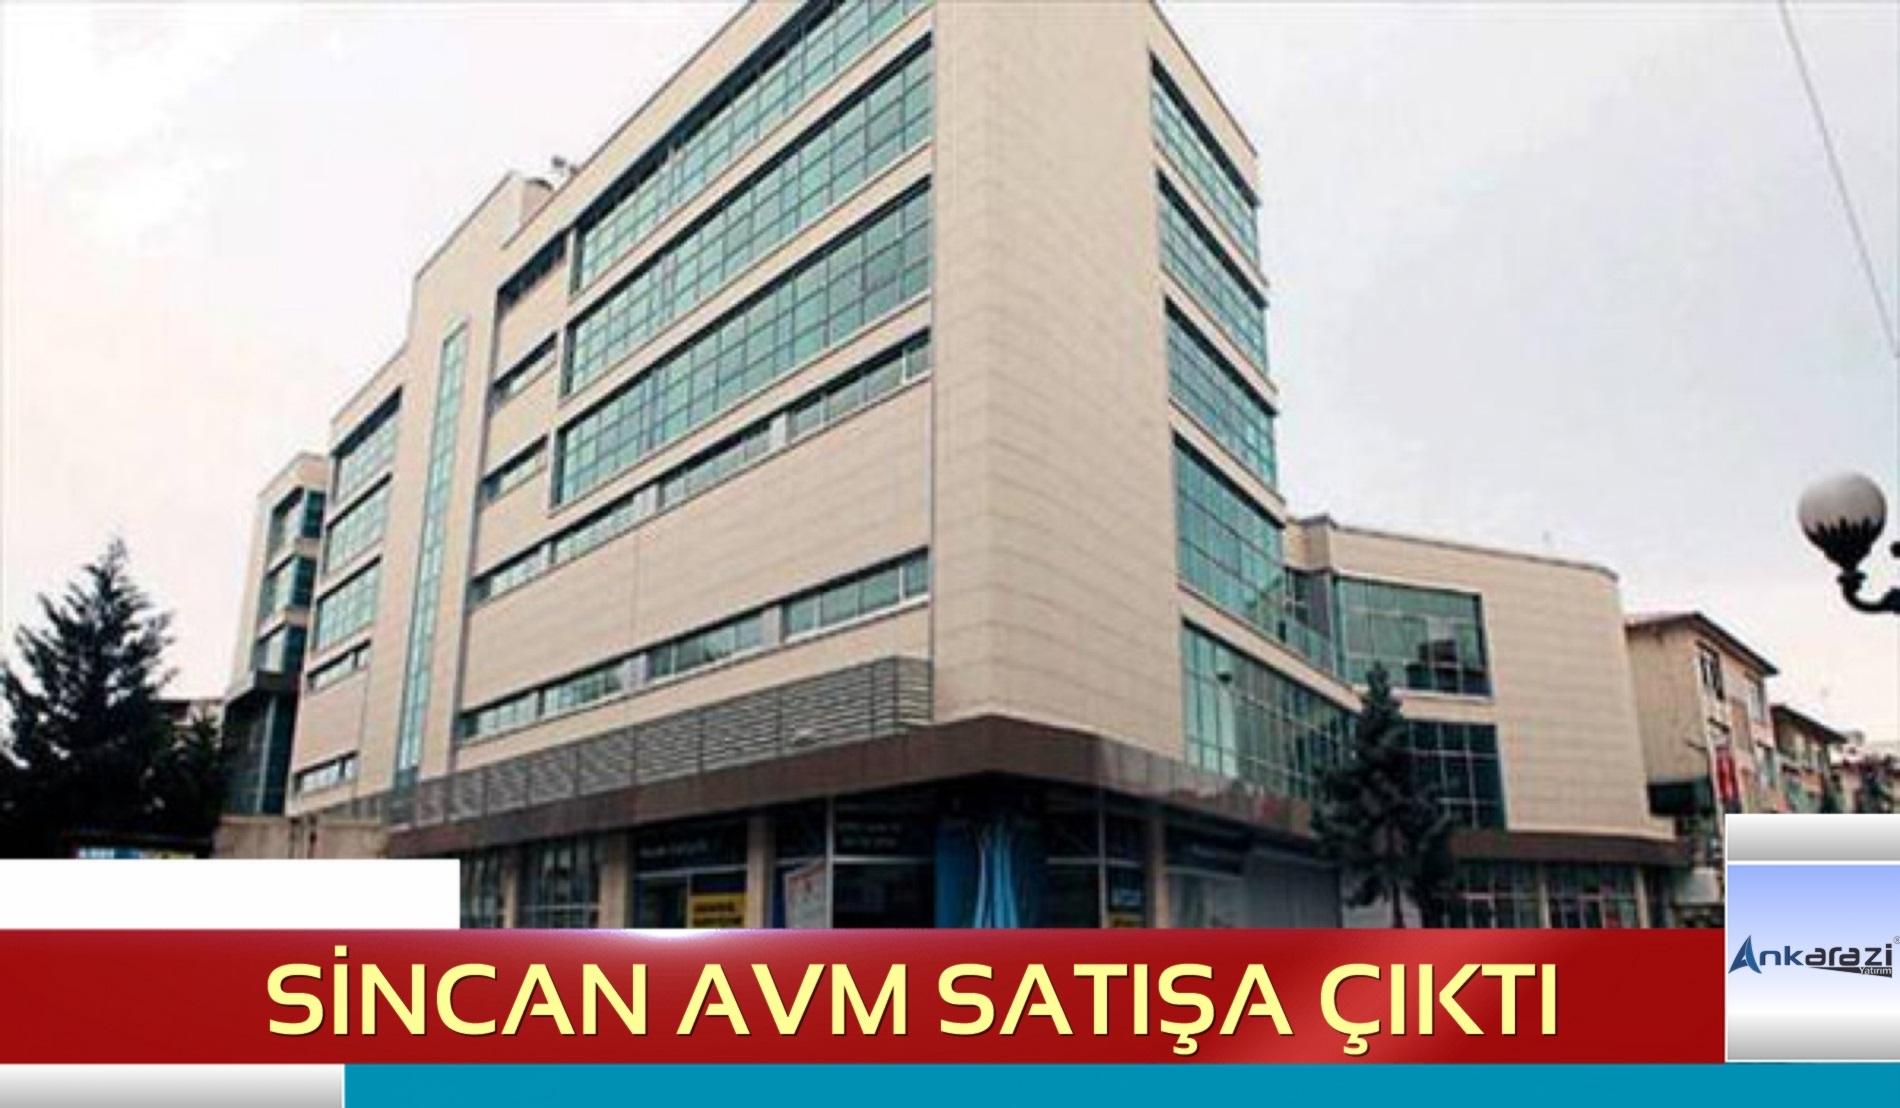 Sincan AVM Satış İhalesi… (24/12/2019)